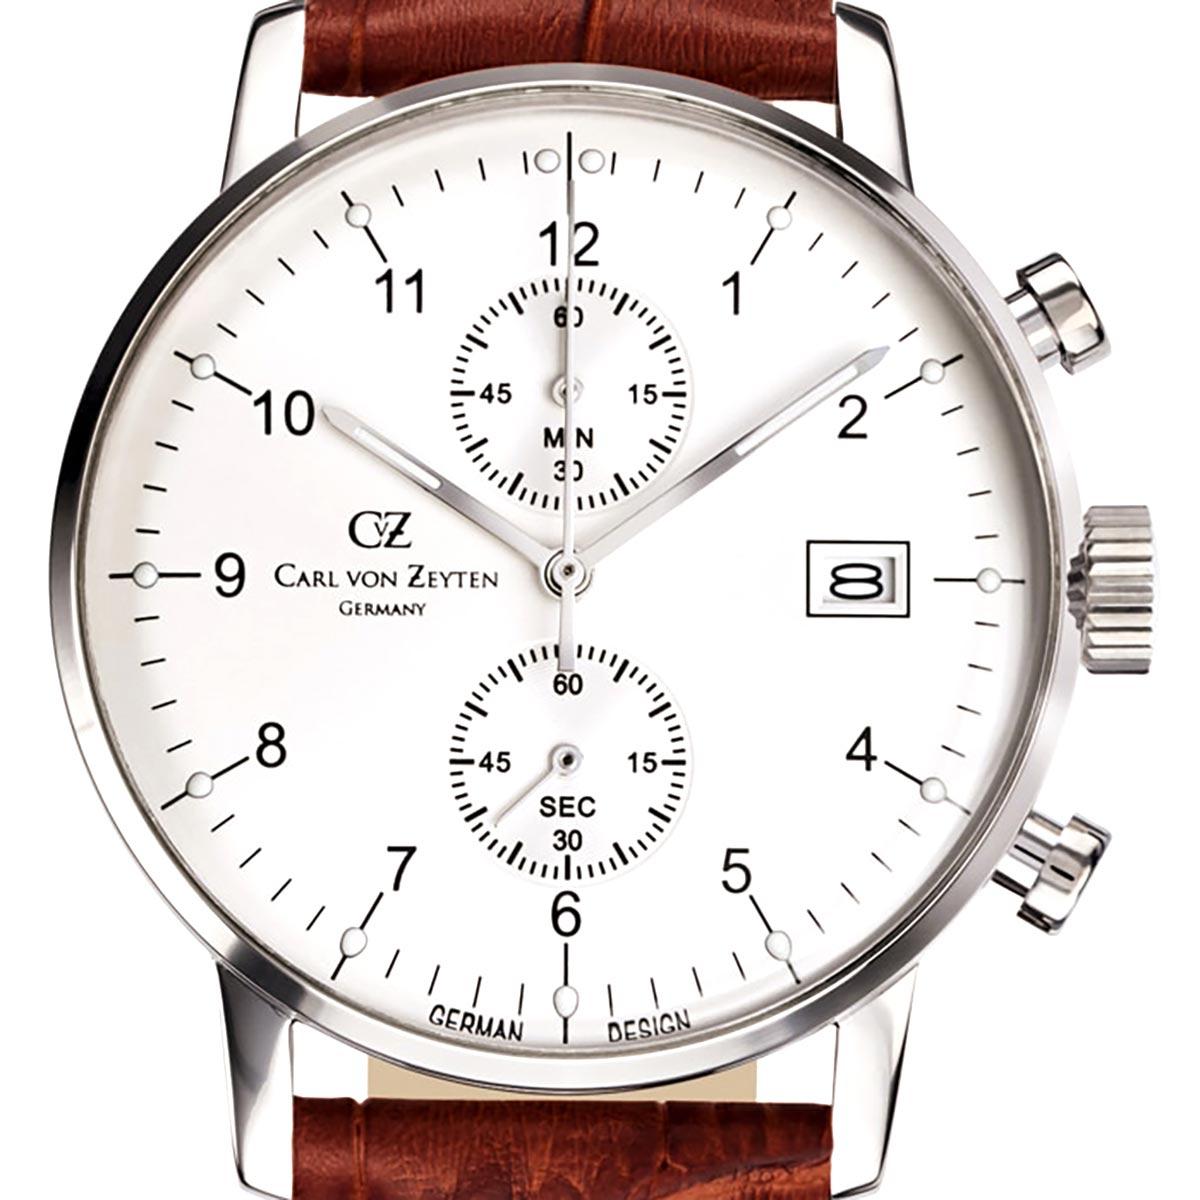 Carl von Zeyten カール・フォン・ツォイテン 電池式クォーツ 腕時計 [CvZ0007WH] 正規品  クロノグラフ